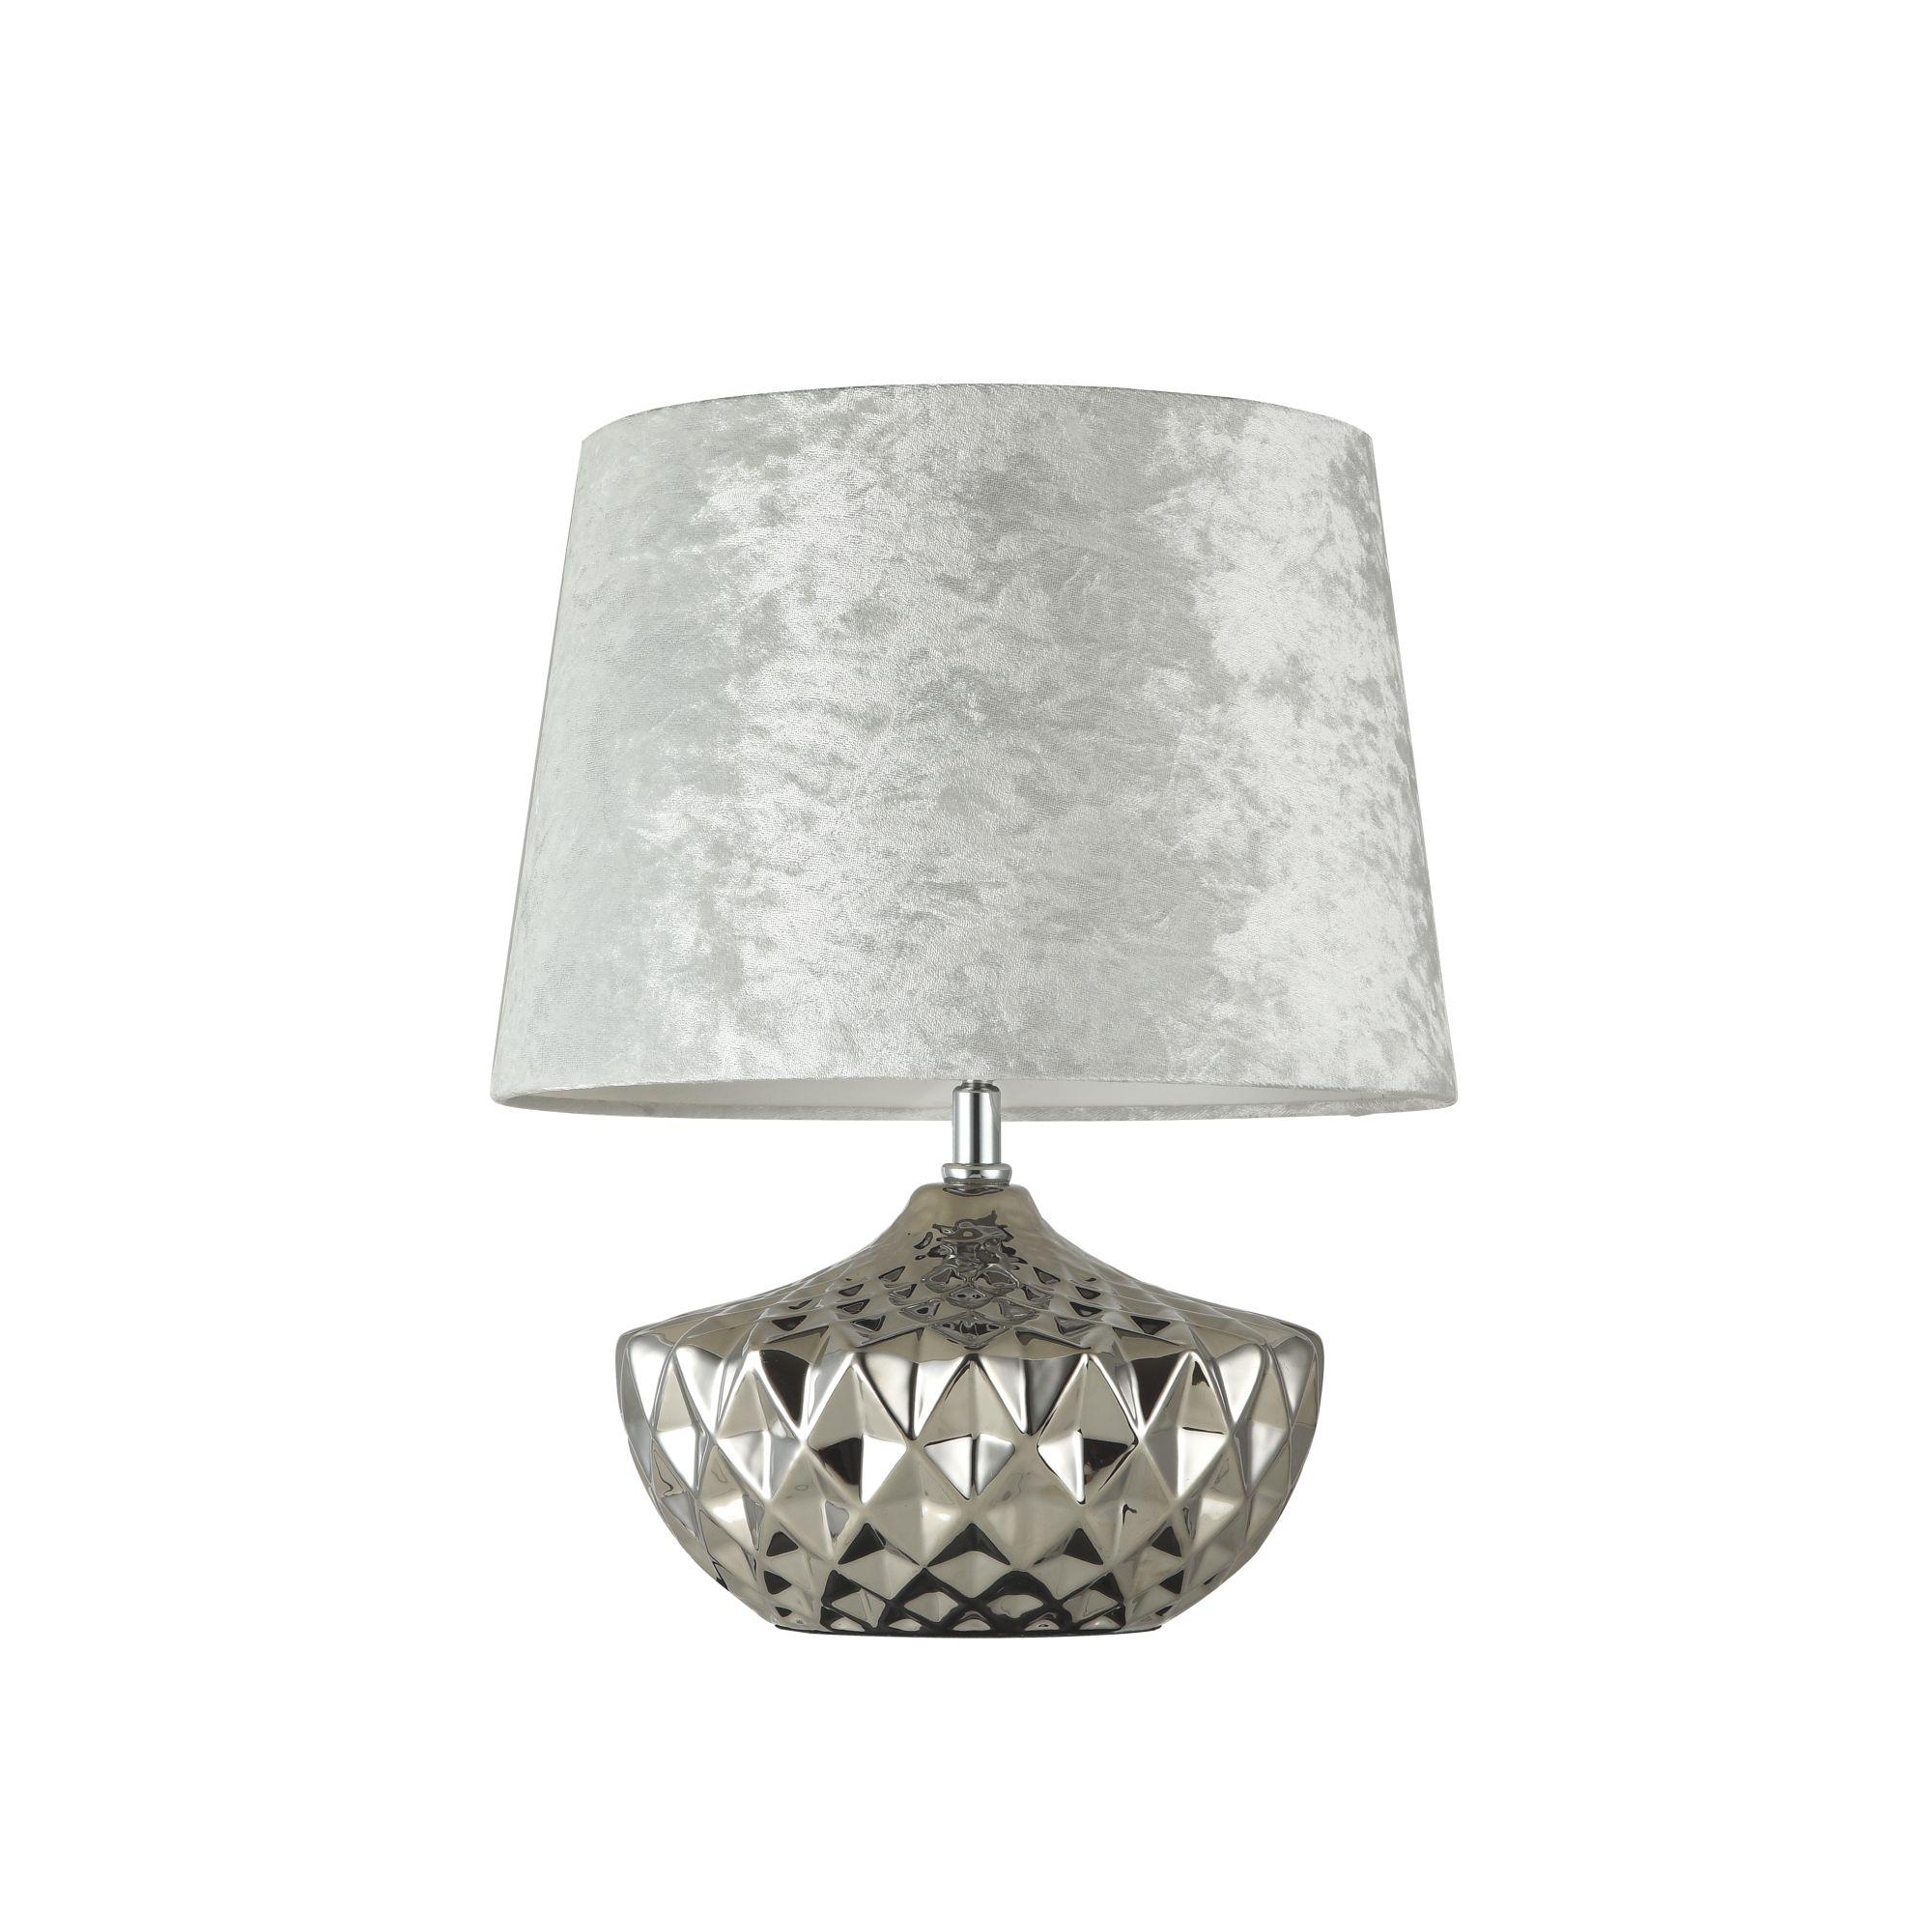 Настольная лампа Maytoni Z006-TL-01-W Белый и Хром 1хE27х60W настольная лампа maytoni h235 tl 01 g